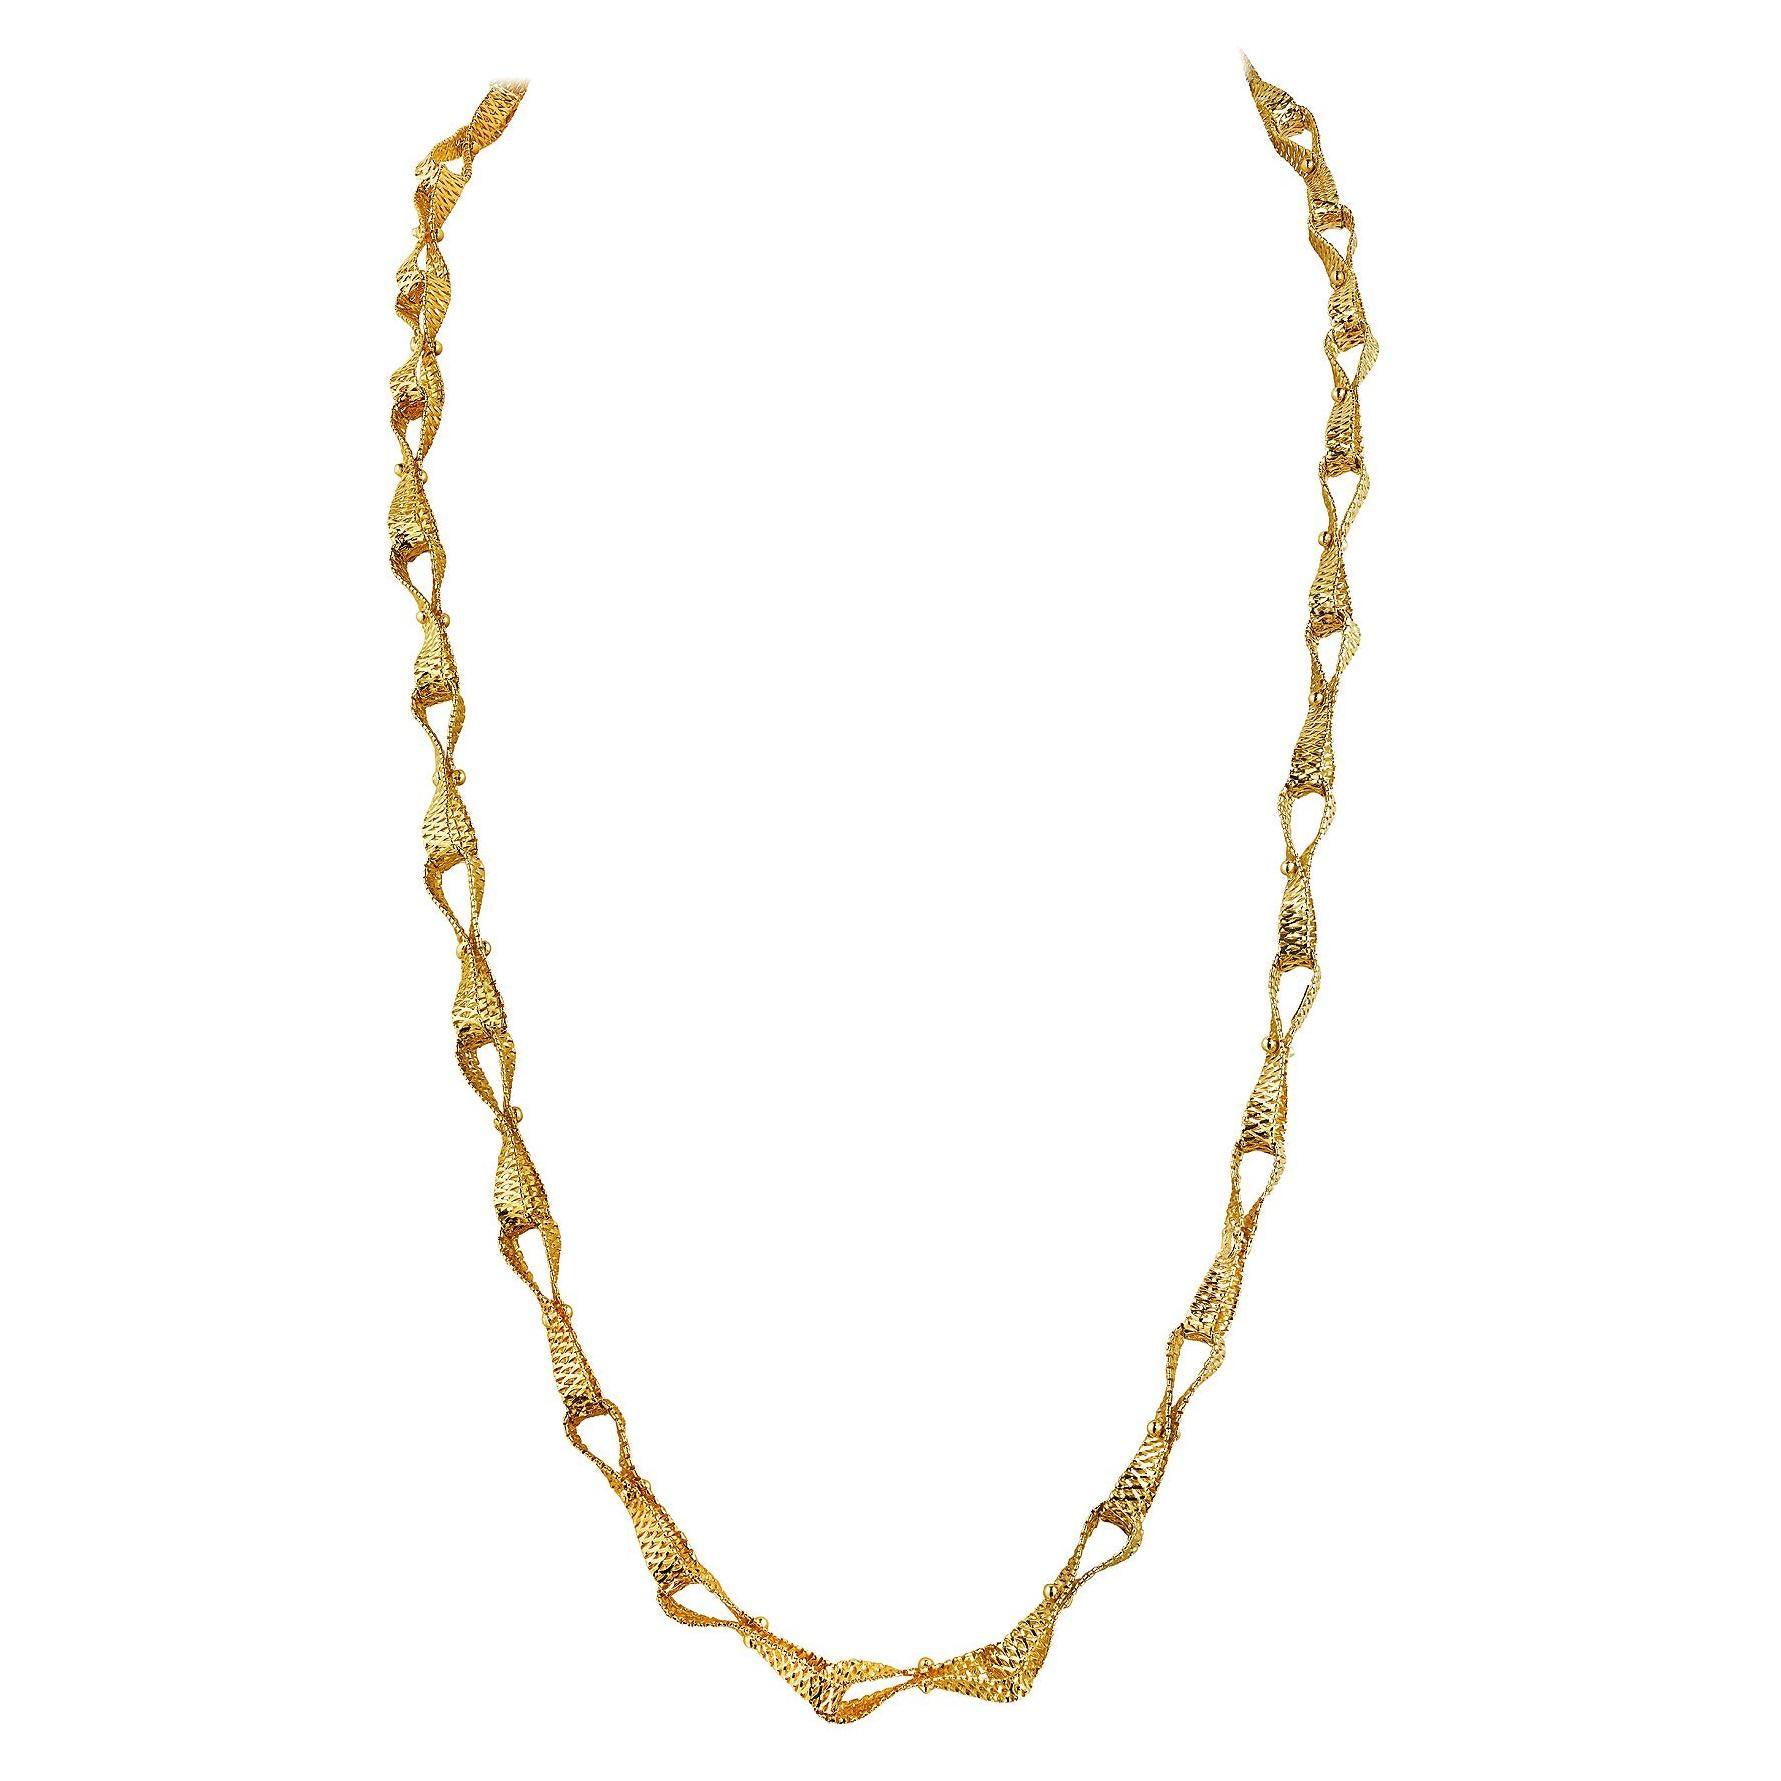 Van Cleef & Arpels Gold Ribbon Link Necklace